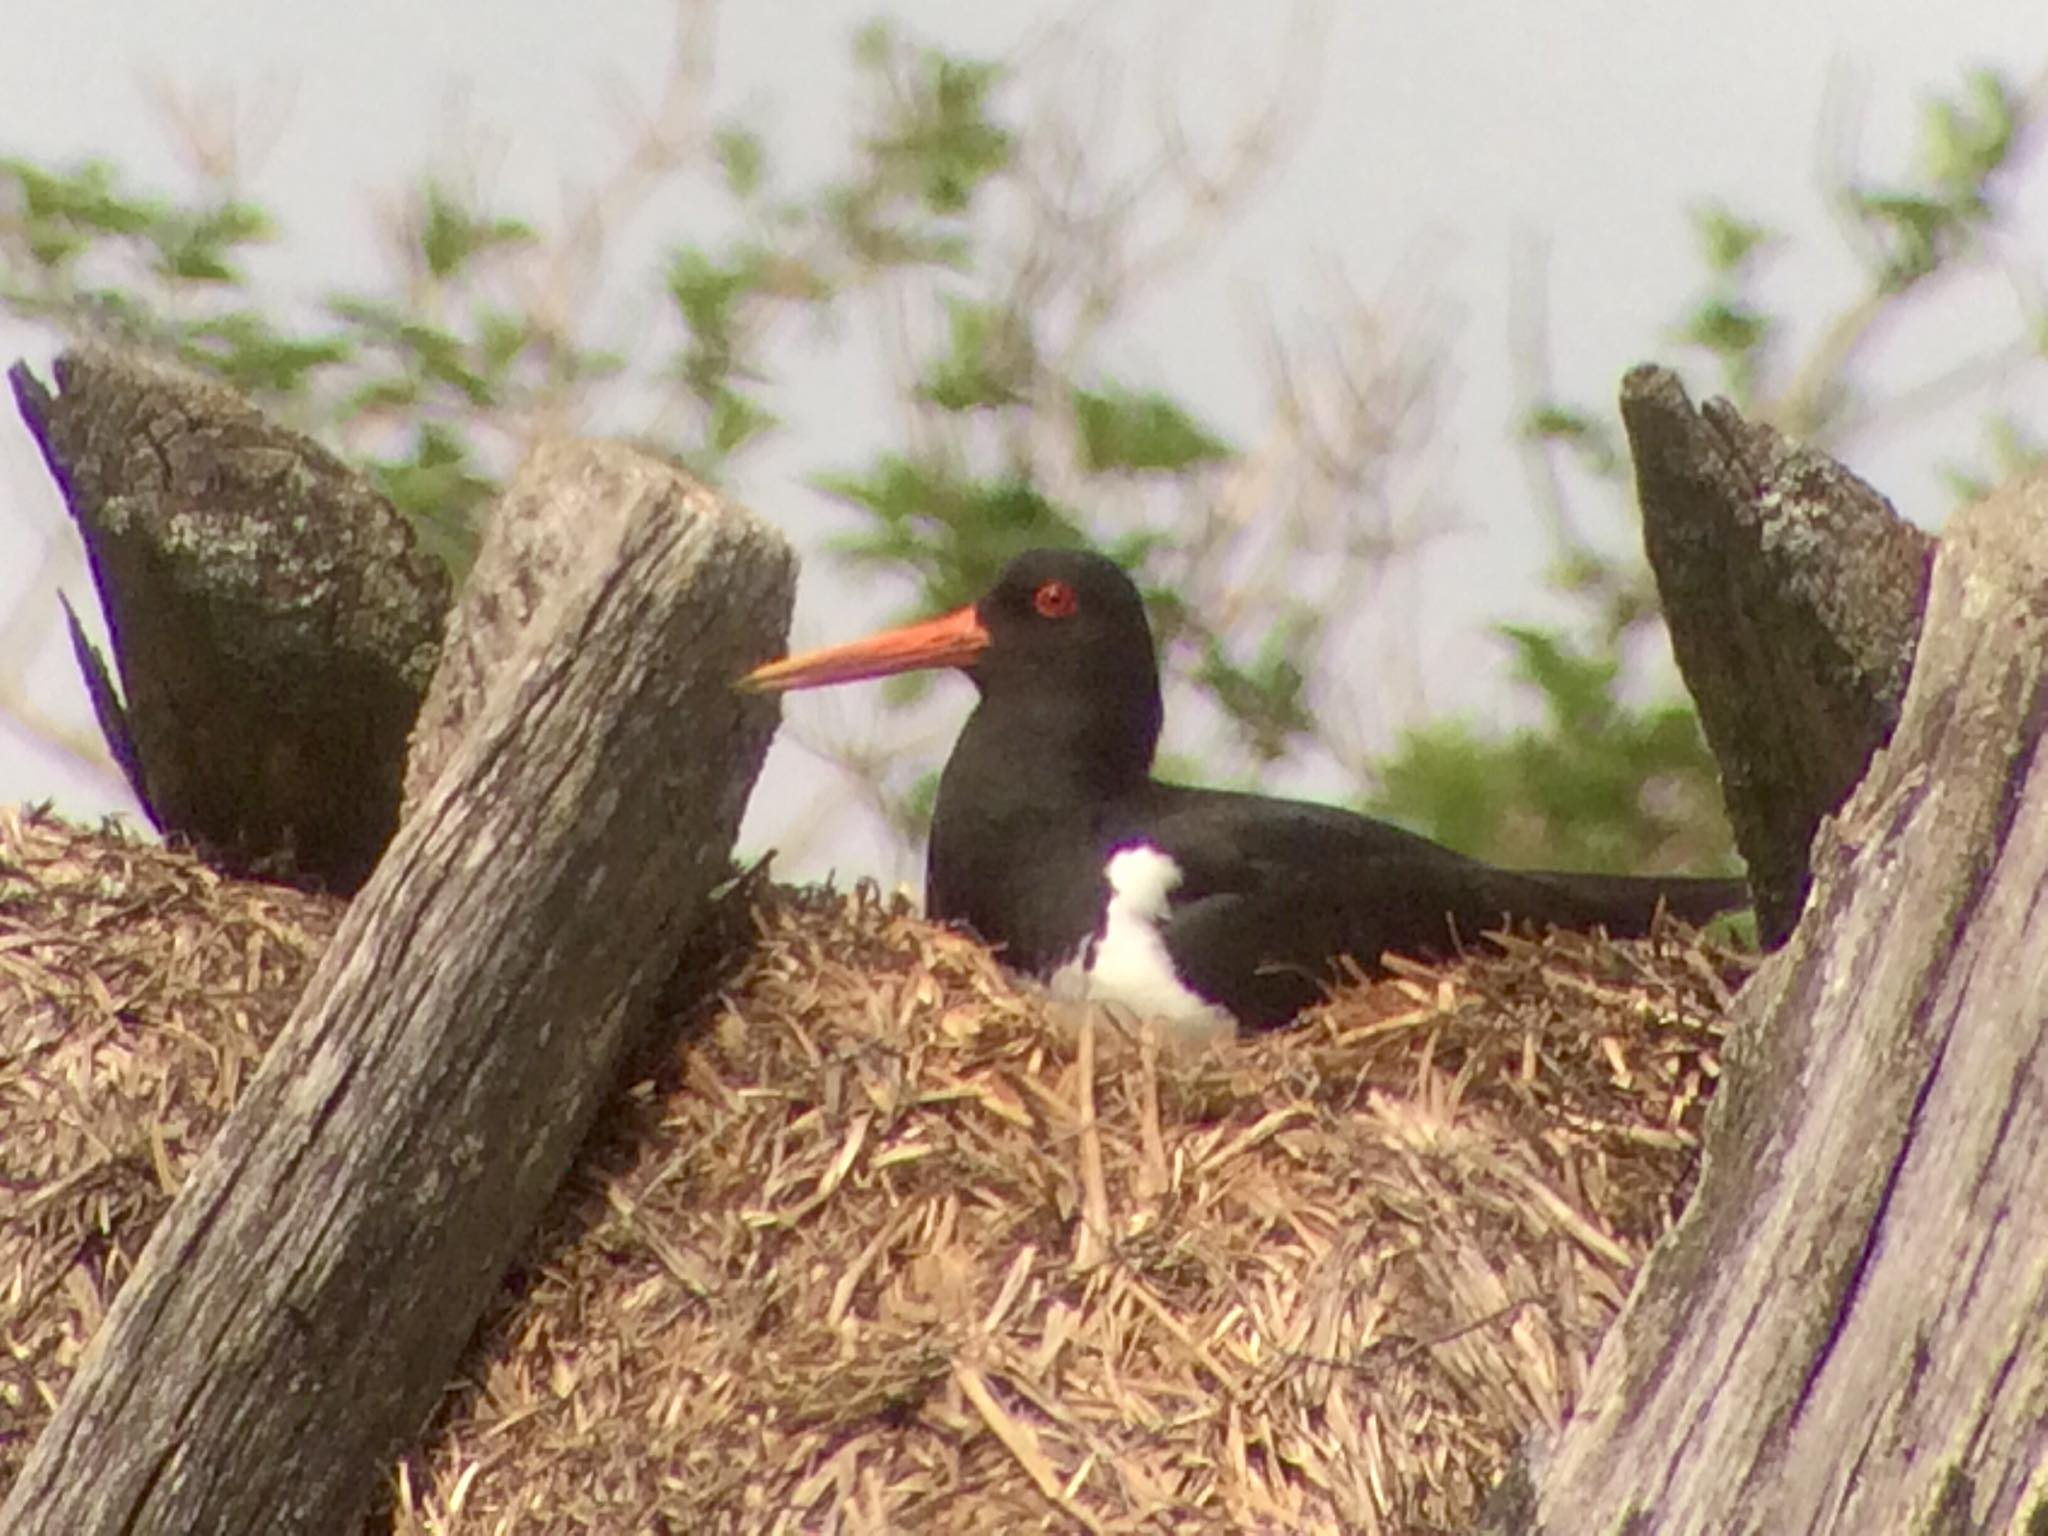 En svartvit fågel med morotsfärgad näbb har bosatt sig på förrådstaket